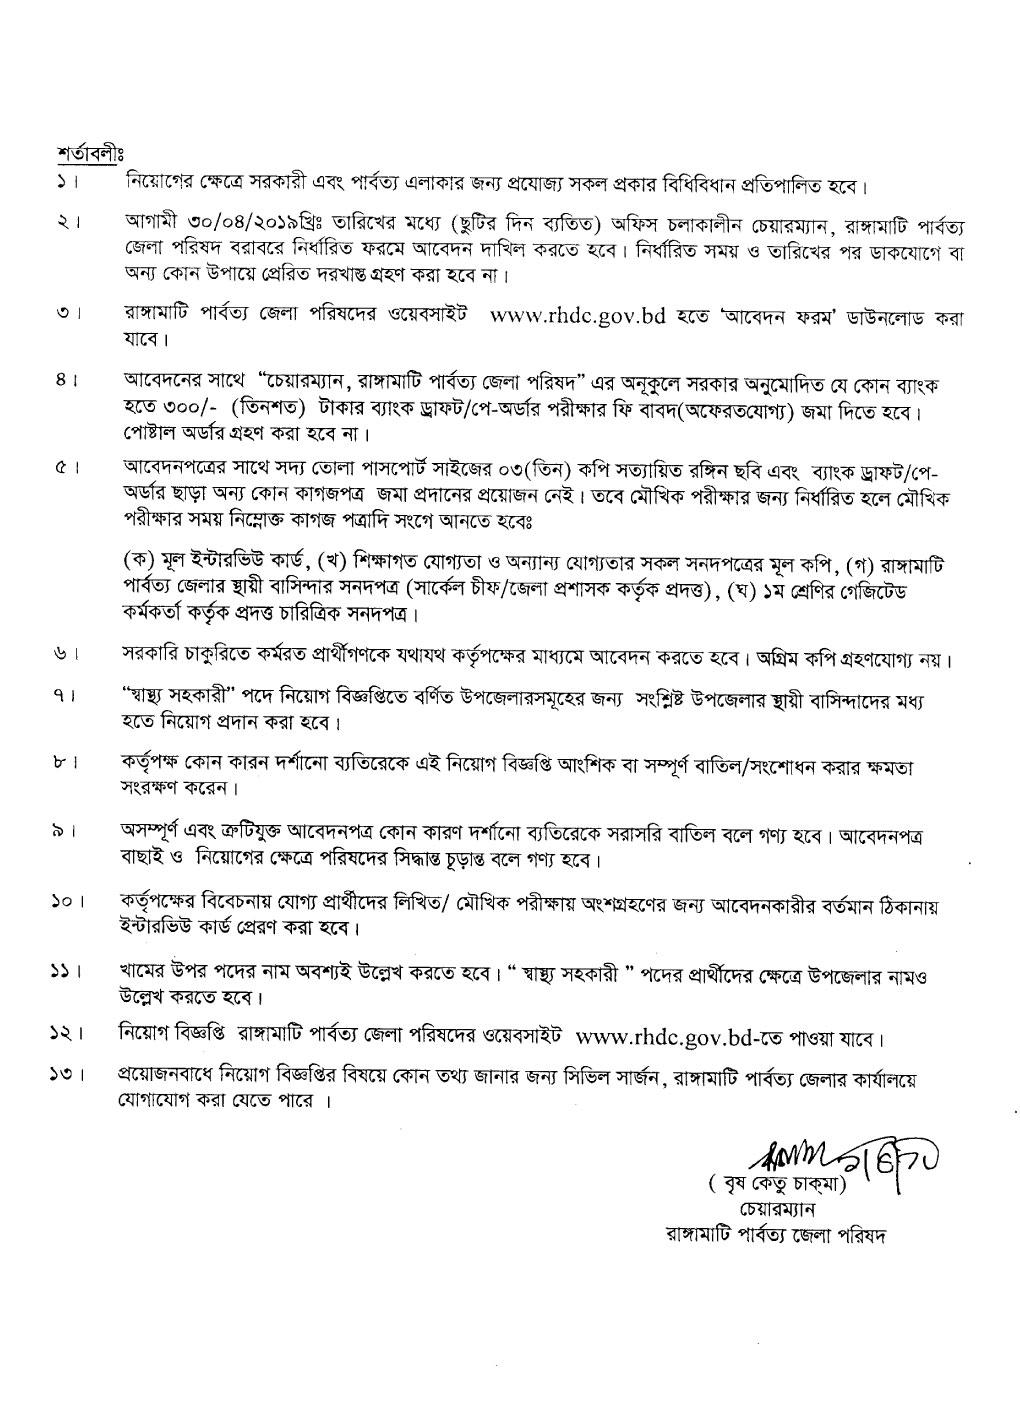 রাঙ্গামাটি পার্বত্য জেলা পরিষদ নিয়োগ বিজ্ঞপ্তি 2019